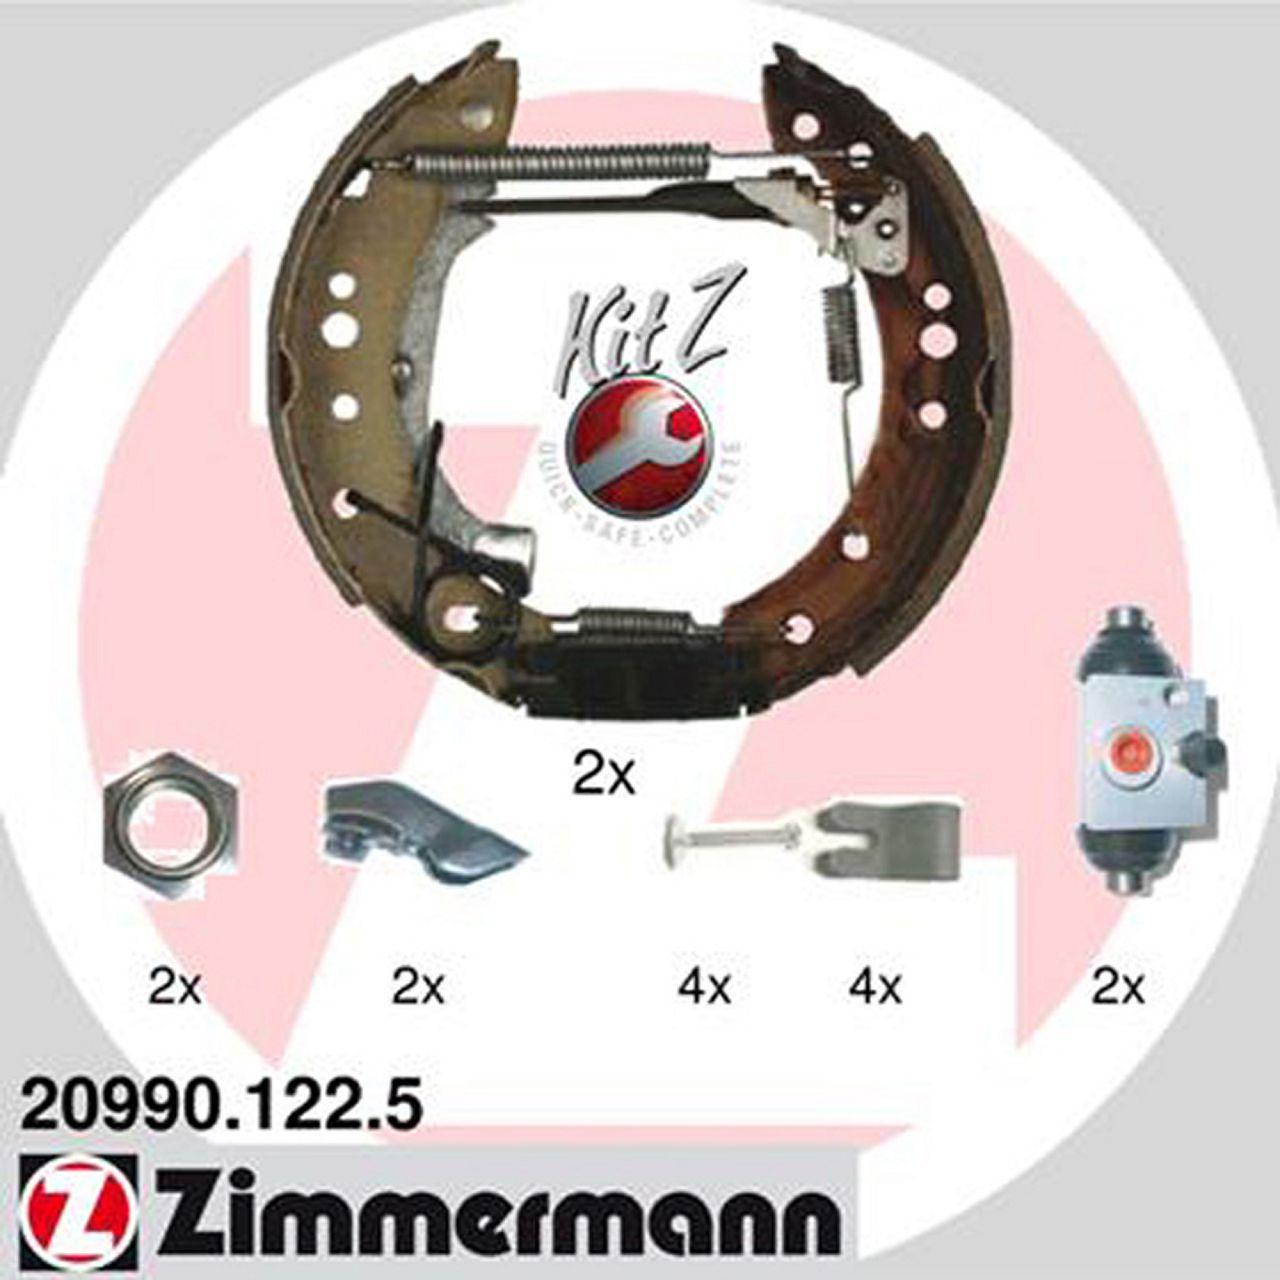 ZIMMERMANN KIT Z Bremsbacken + Radbremszylinder Satz CITROEN C2 C3 PEUGEOT 1007 hinten